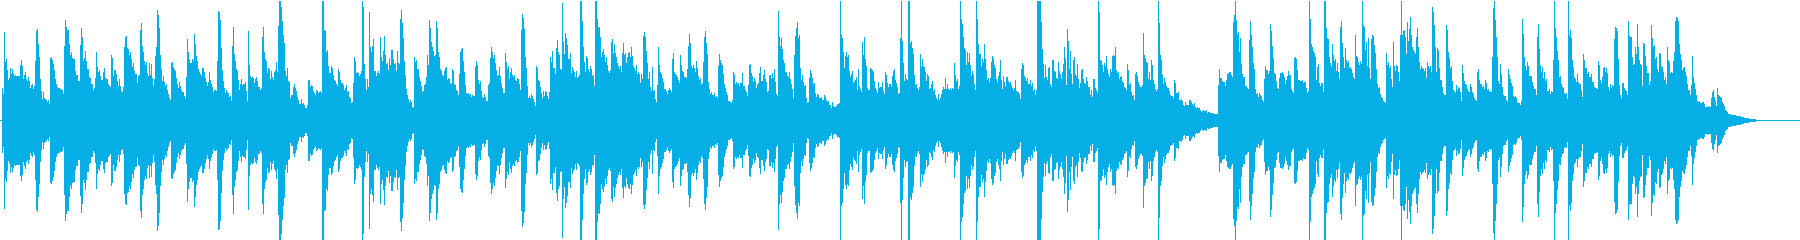 さわやかなしっとりアコギデュオのポップスの再生済みの波形